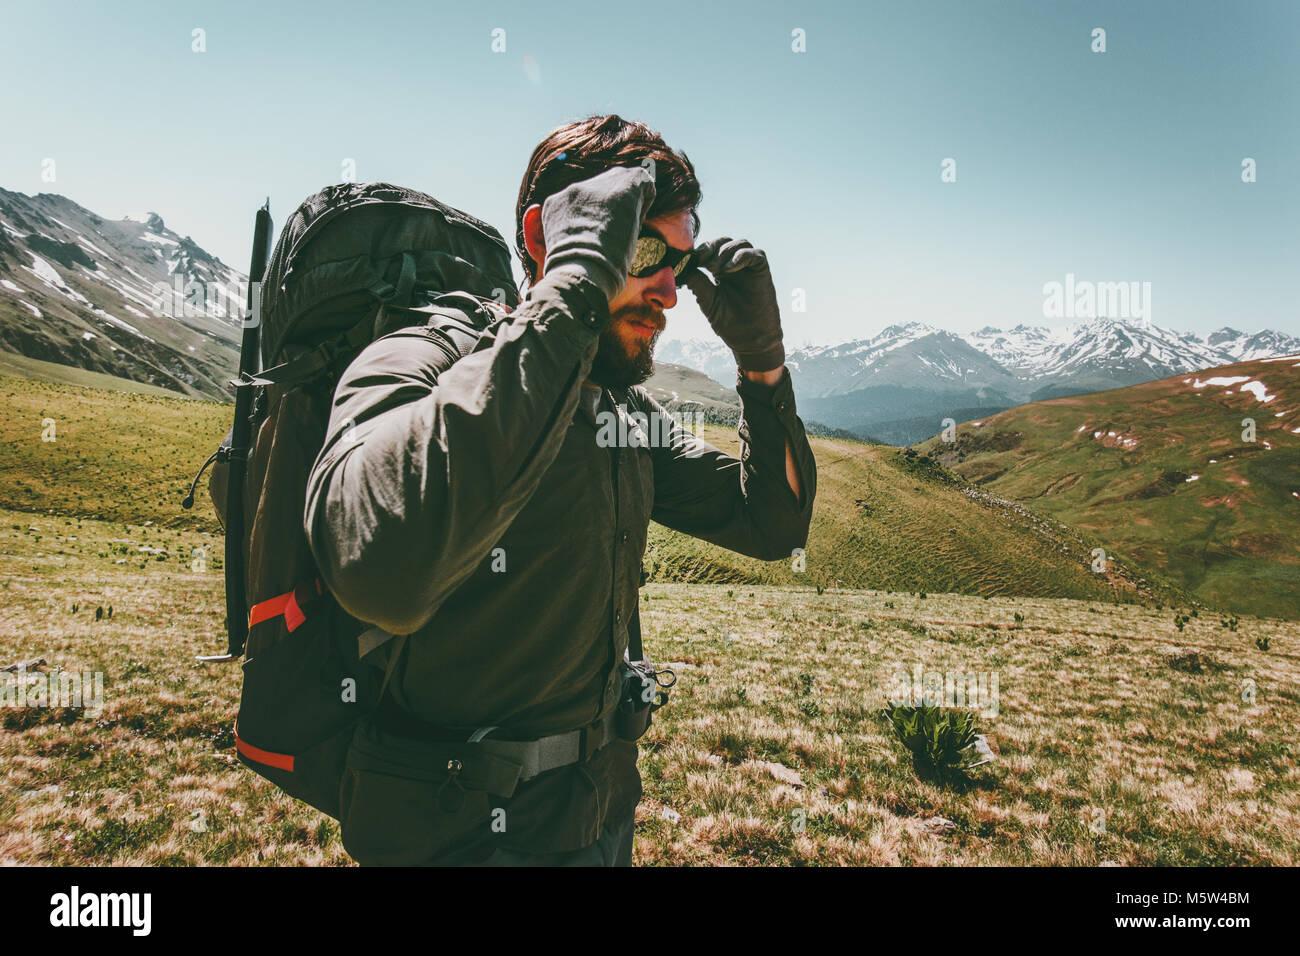 Randonnées en montagne l'homme backpacker style de voyage concept de survie en plein air aventure vacances Photo Stock